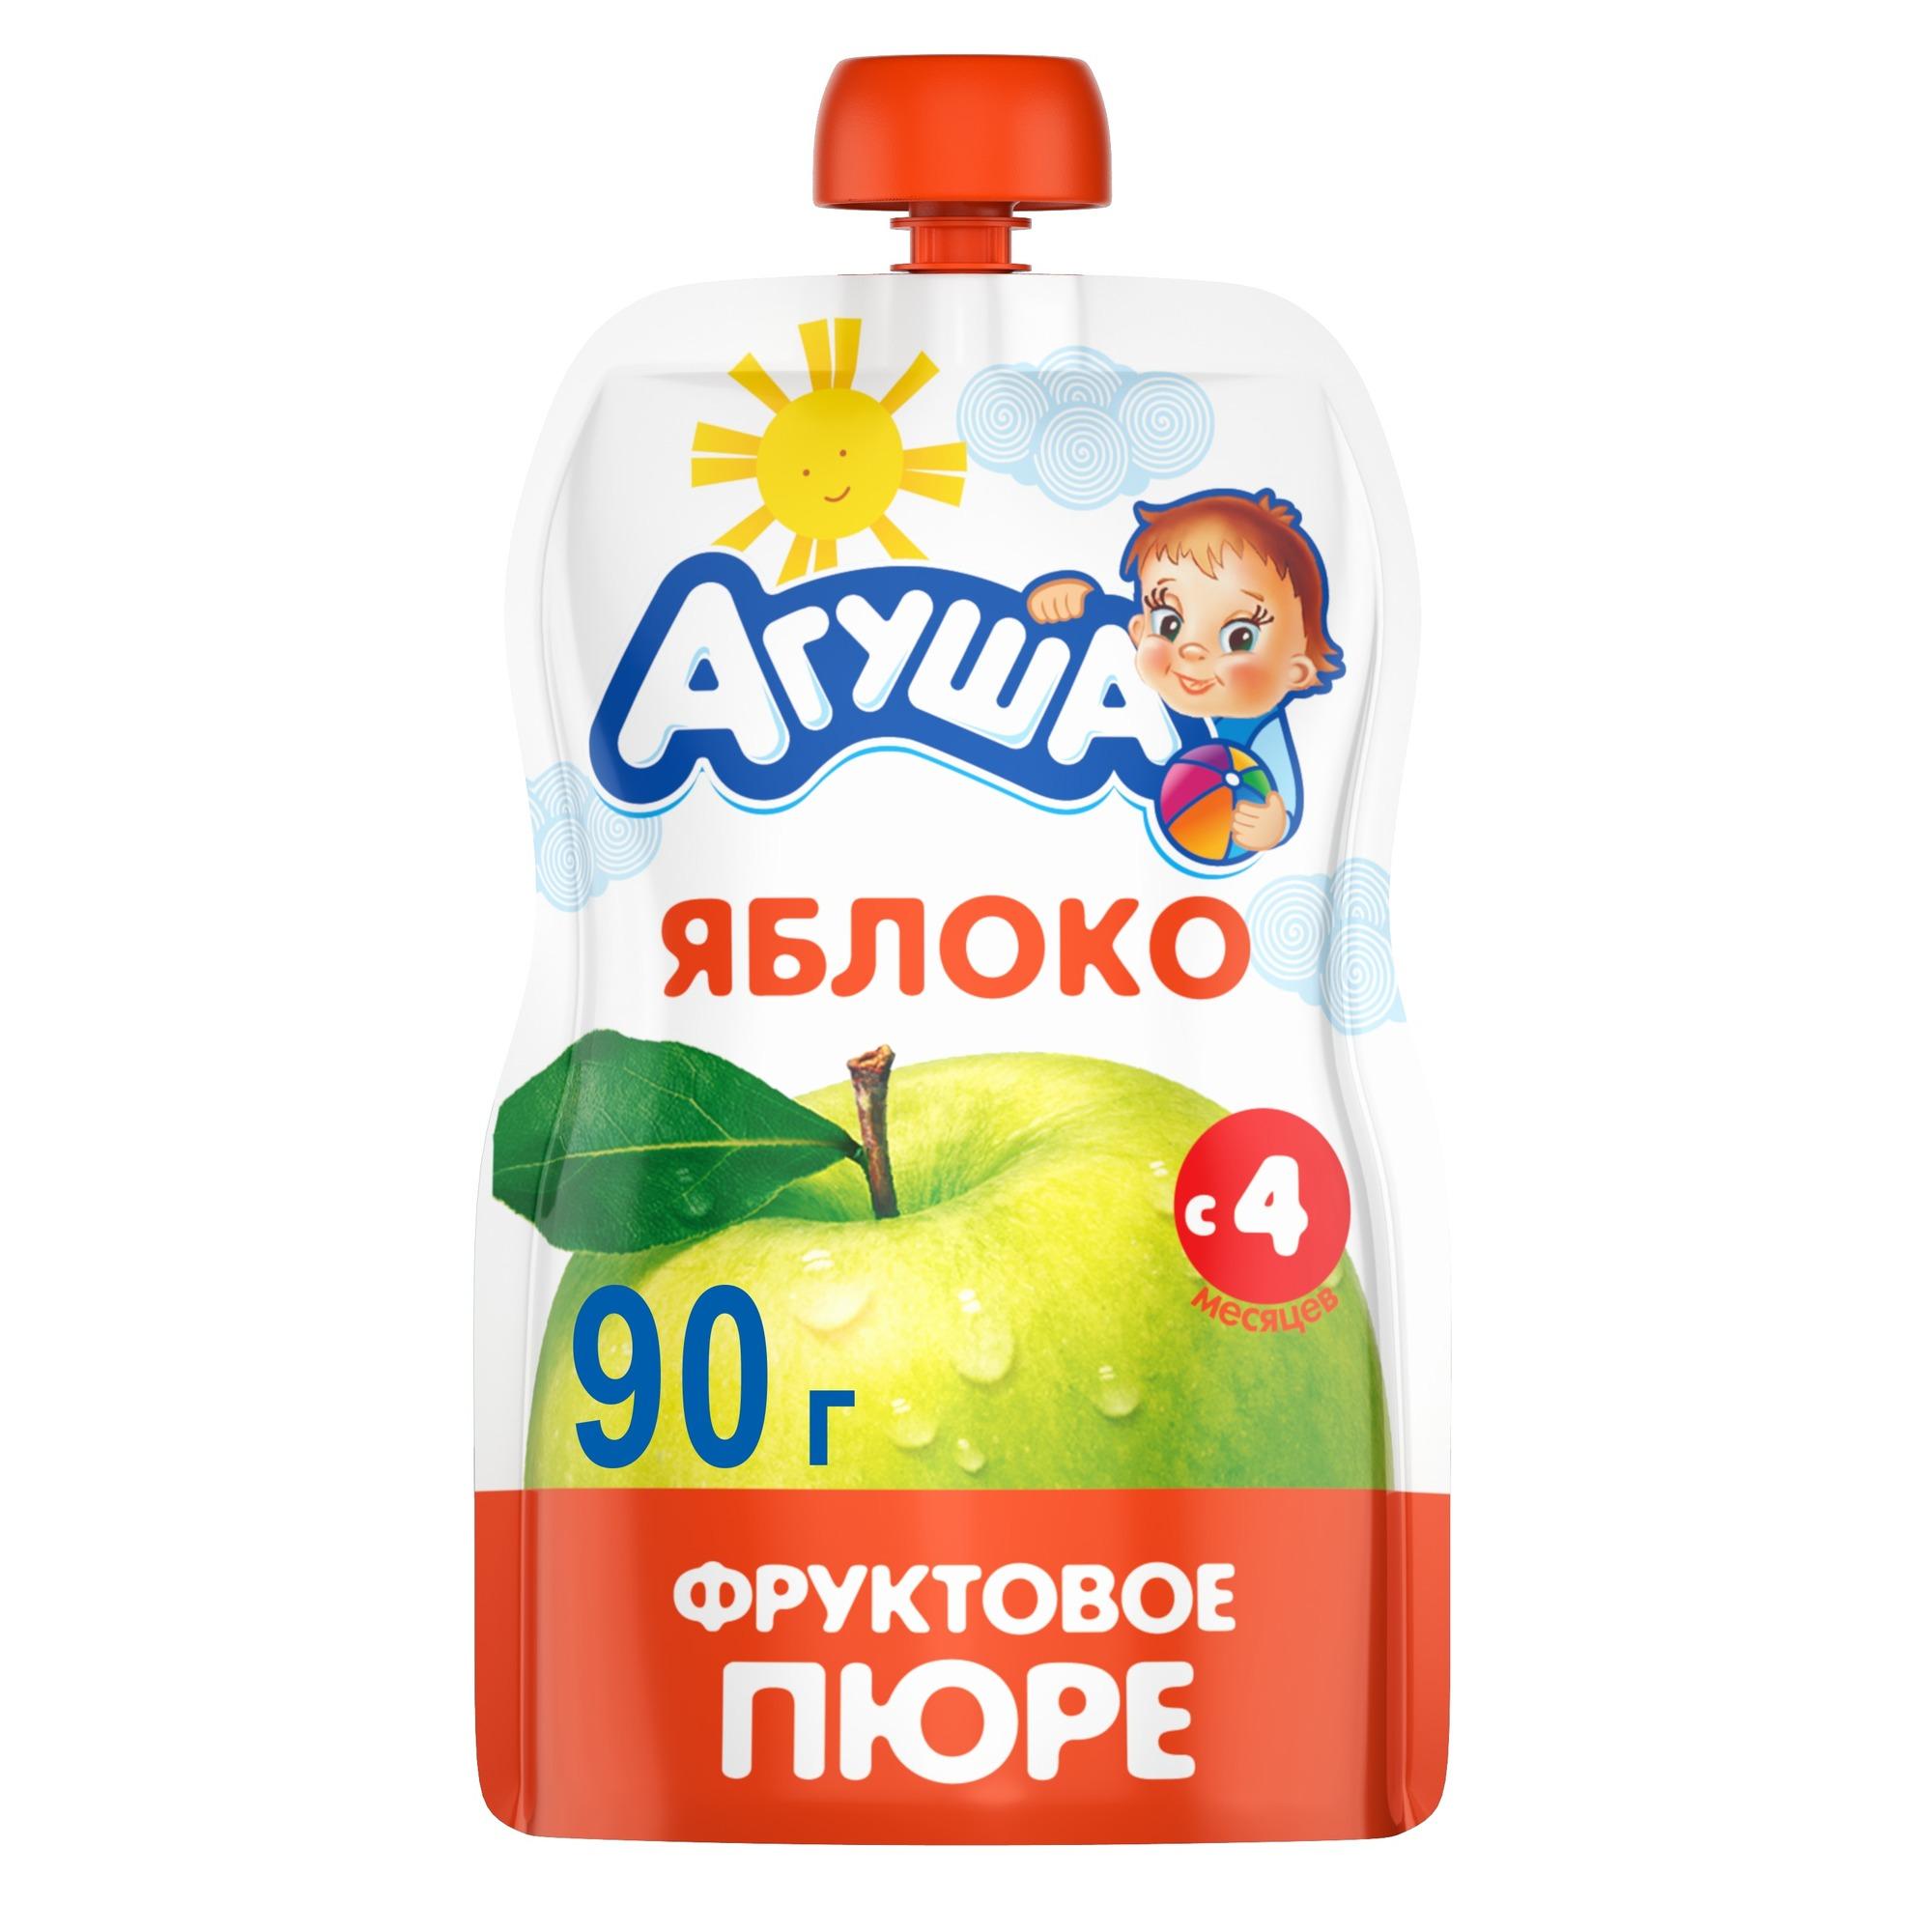 Купить Яблоко 90 г, Пюре фруктовое Агуша Яблоко с 4 мес 90 г, Детское пюре